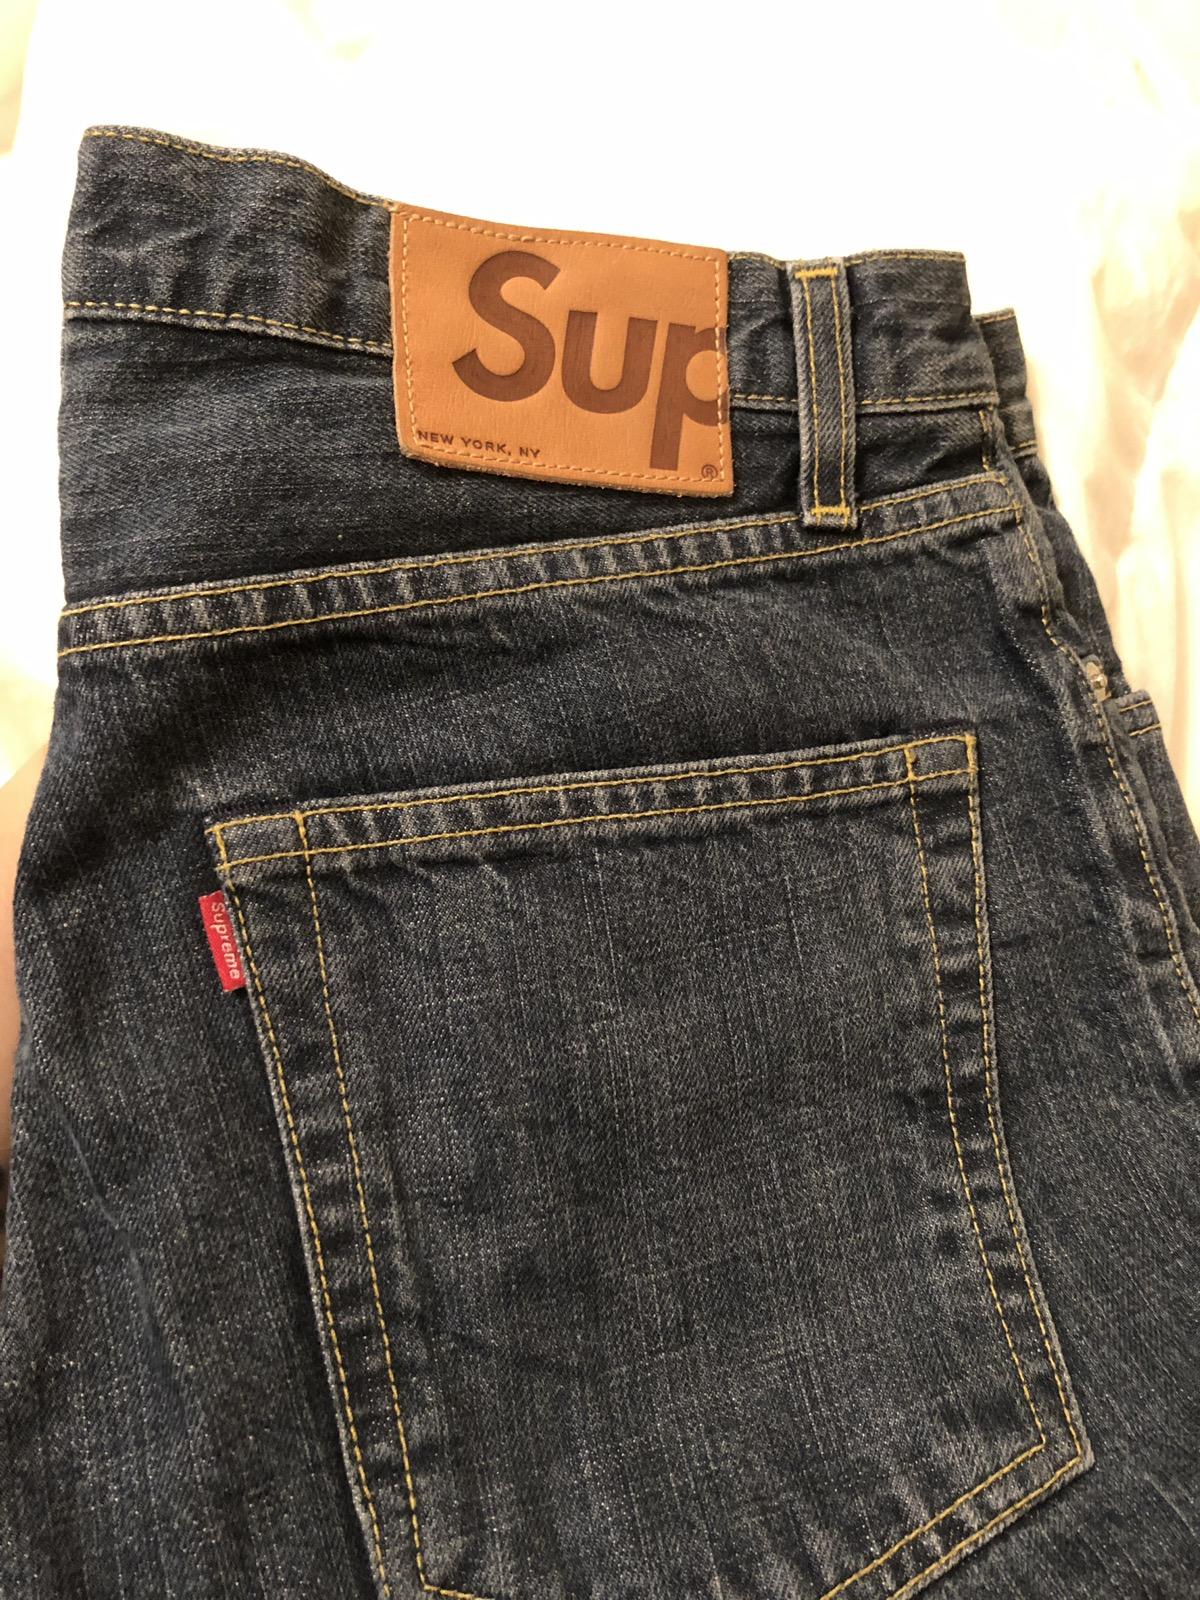 Supreme Supreme Jeans Vintage Selvedge Og | Grailed